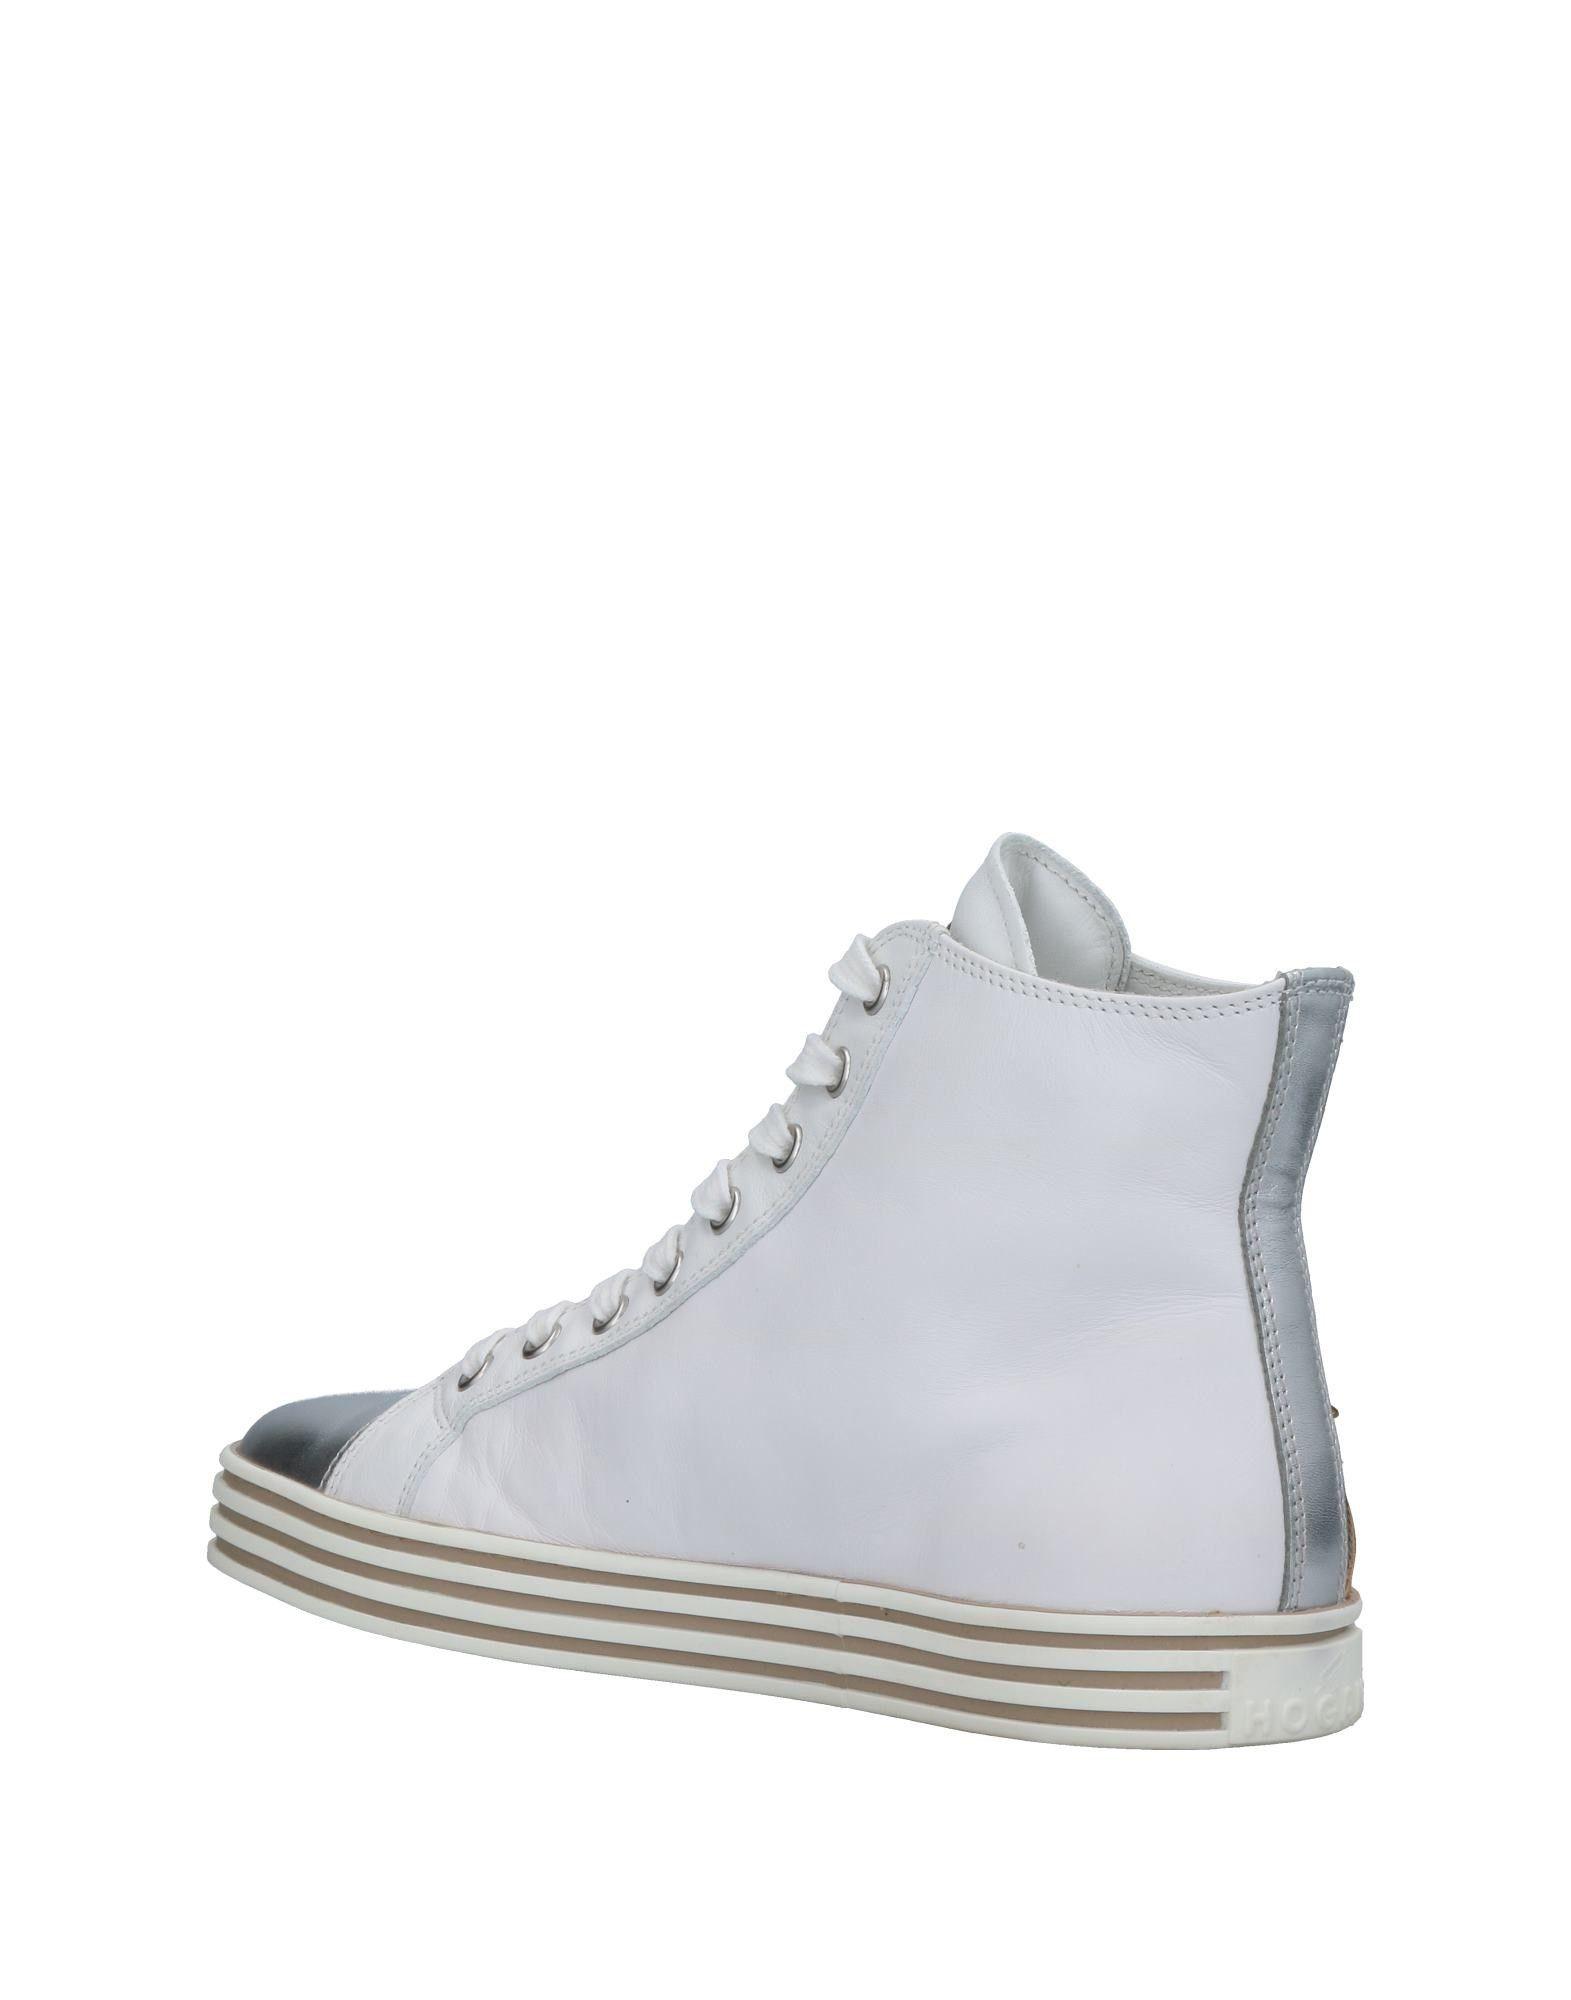 Hogan Rebel Sneakers Damen strapazierfähige  11398984TEGut aussehende strapazierfähige Damen Schuhe 28ed38